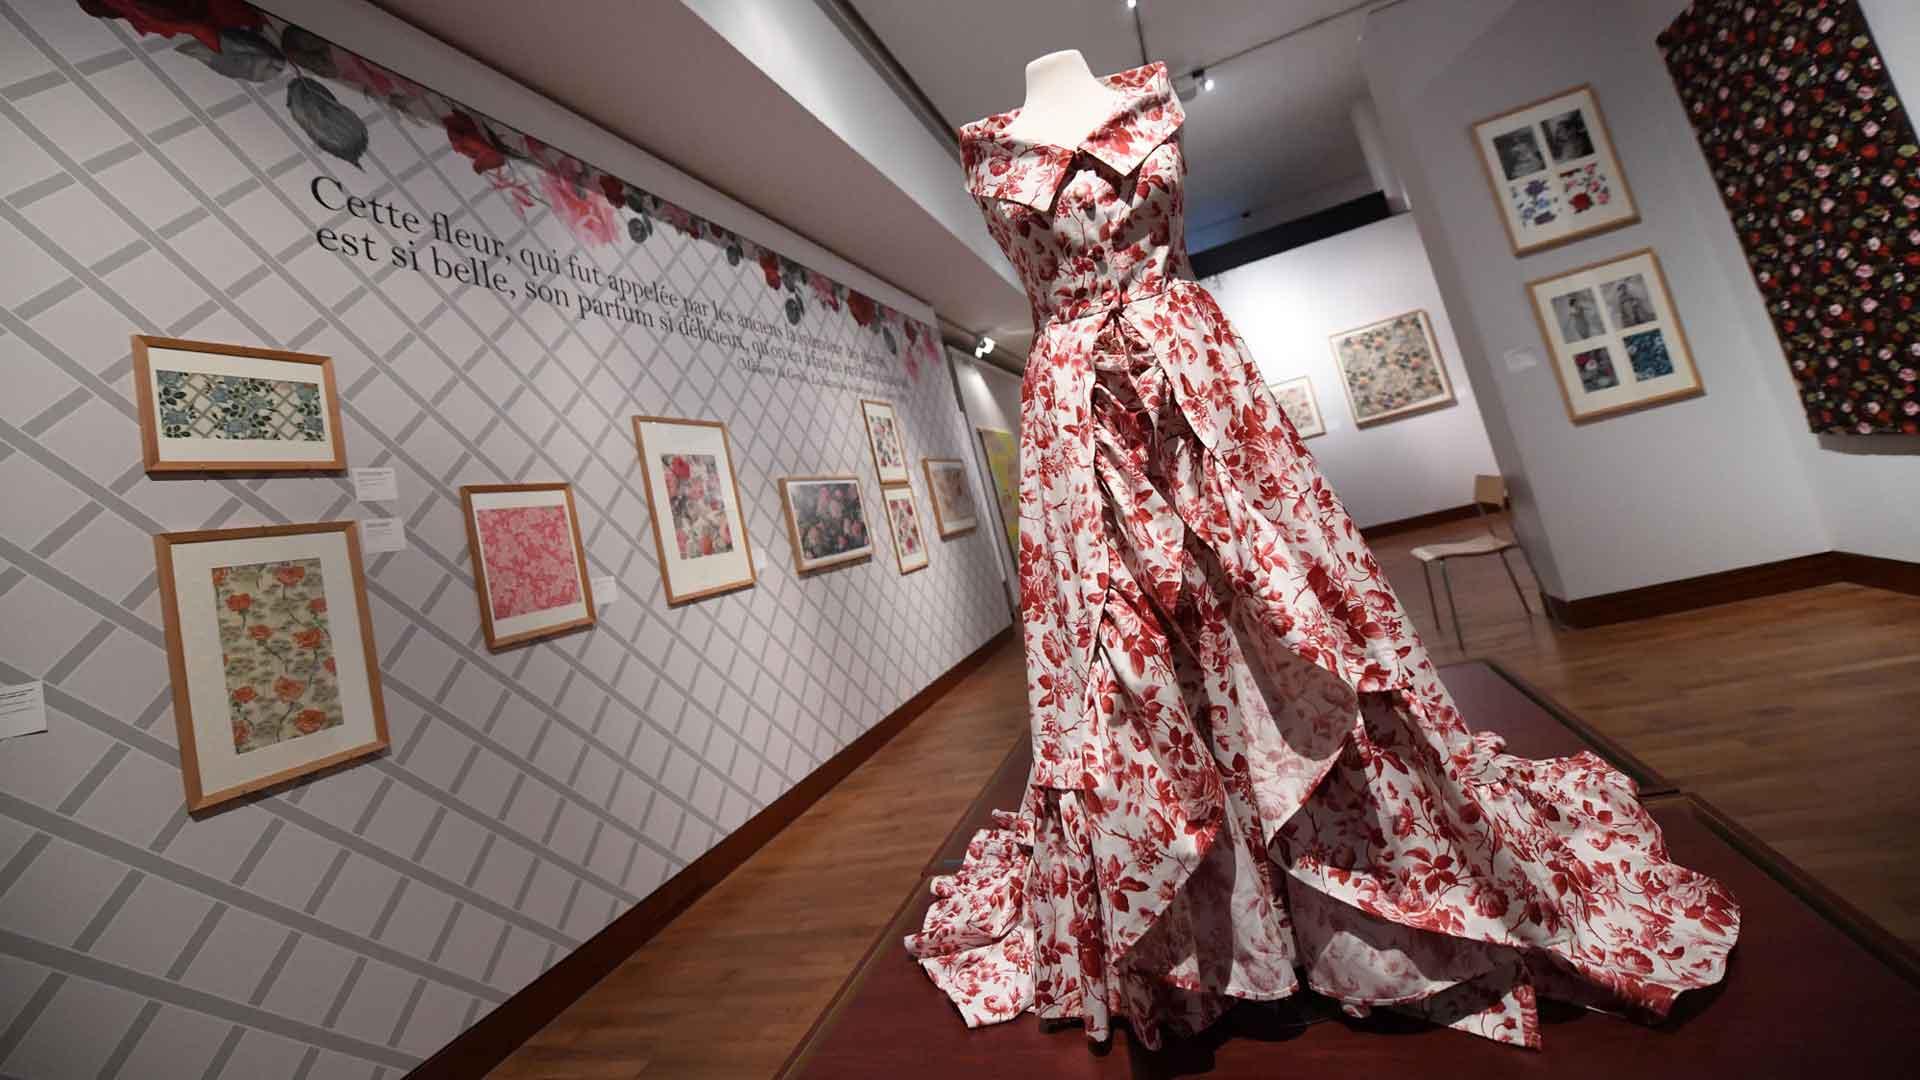 Cette magnifique robe à fleurs trône au milieu de l'exposition